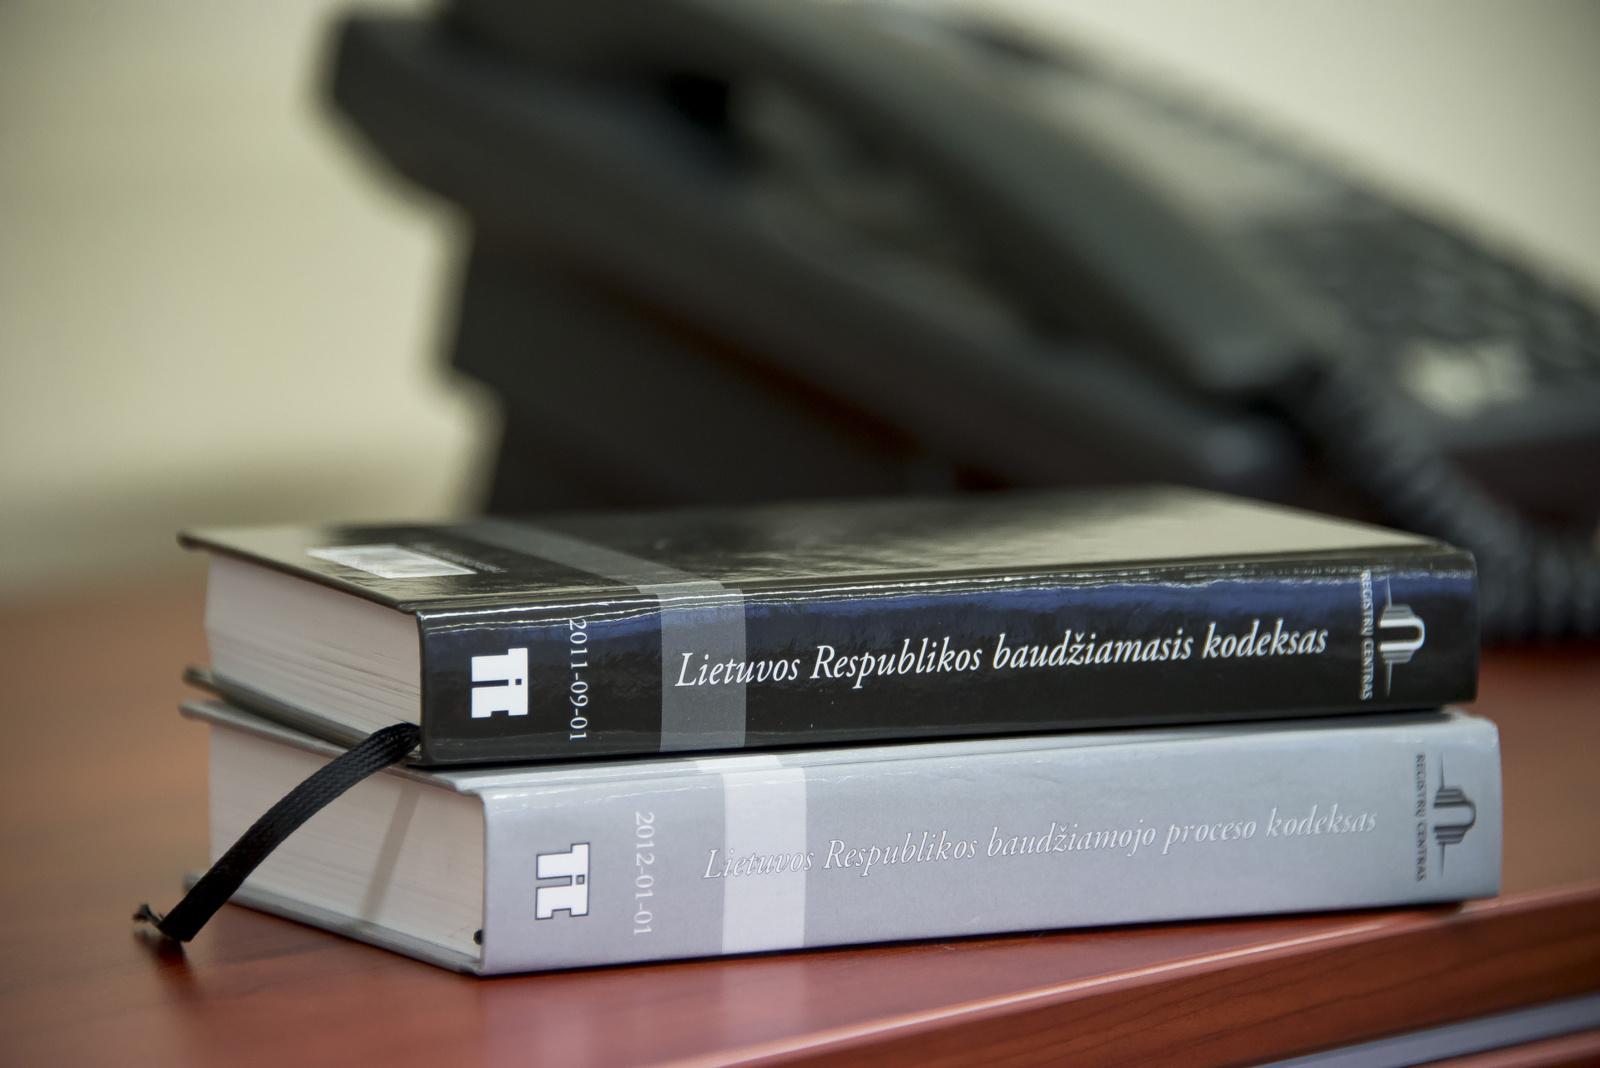 Prokuratūra pradėjo ikiteisminį tyrimą dėl išpaišytų parlamentarės I. Haase kabineto durų